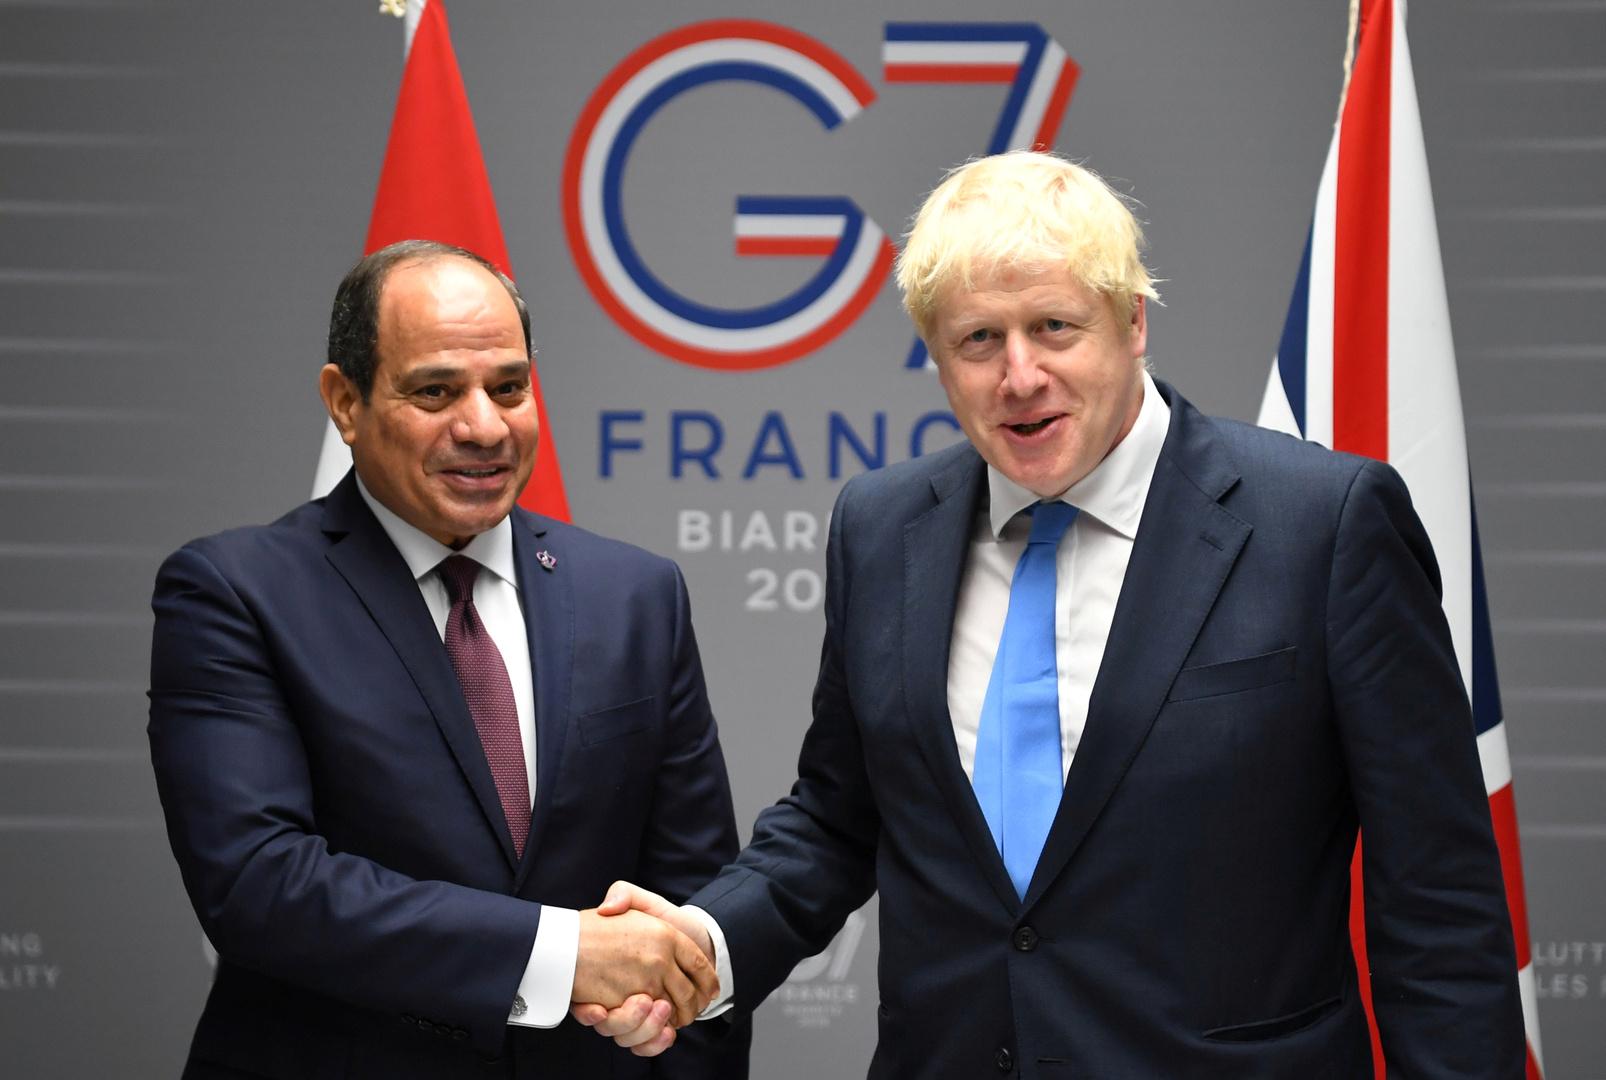 السيسي يعقد جلسة مغلقة مع رئيس وزراء بريطانيا حول ليبيا